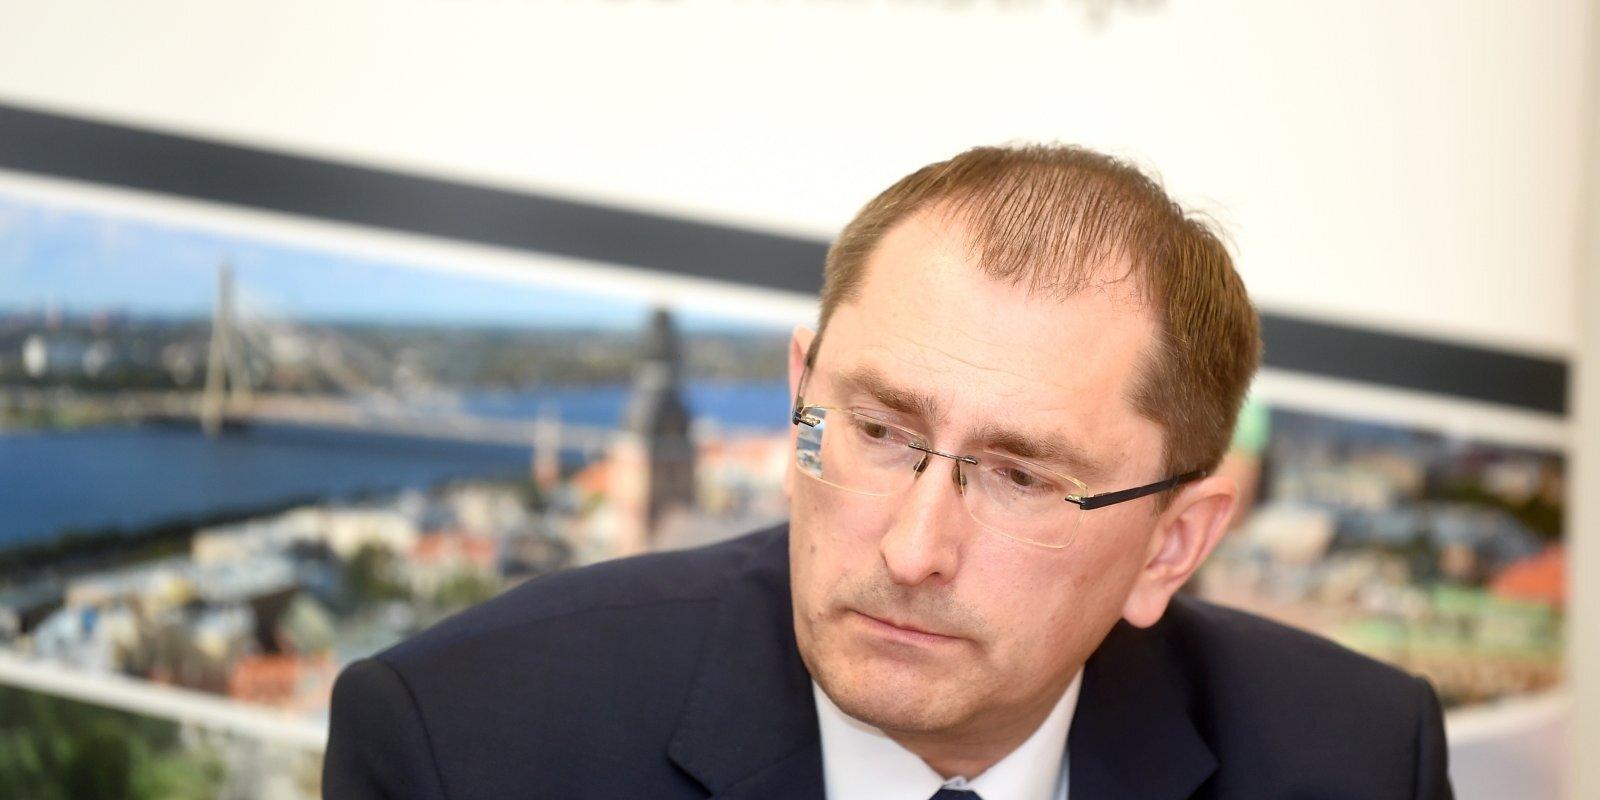 С Россией и Беларусью драмы нет! Линкайтс о бесплатных автобусах, штрафах в авто и чистых дорогах